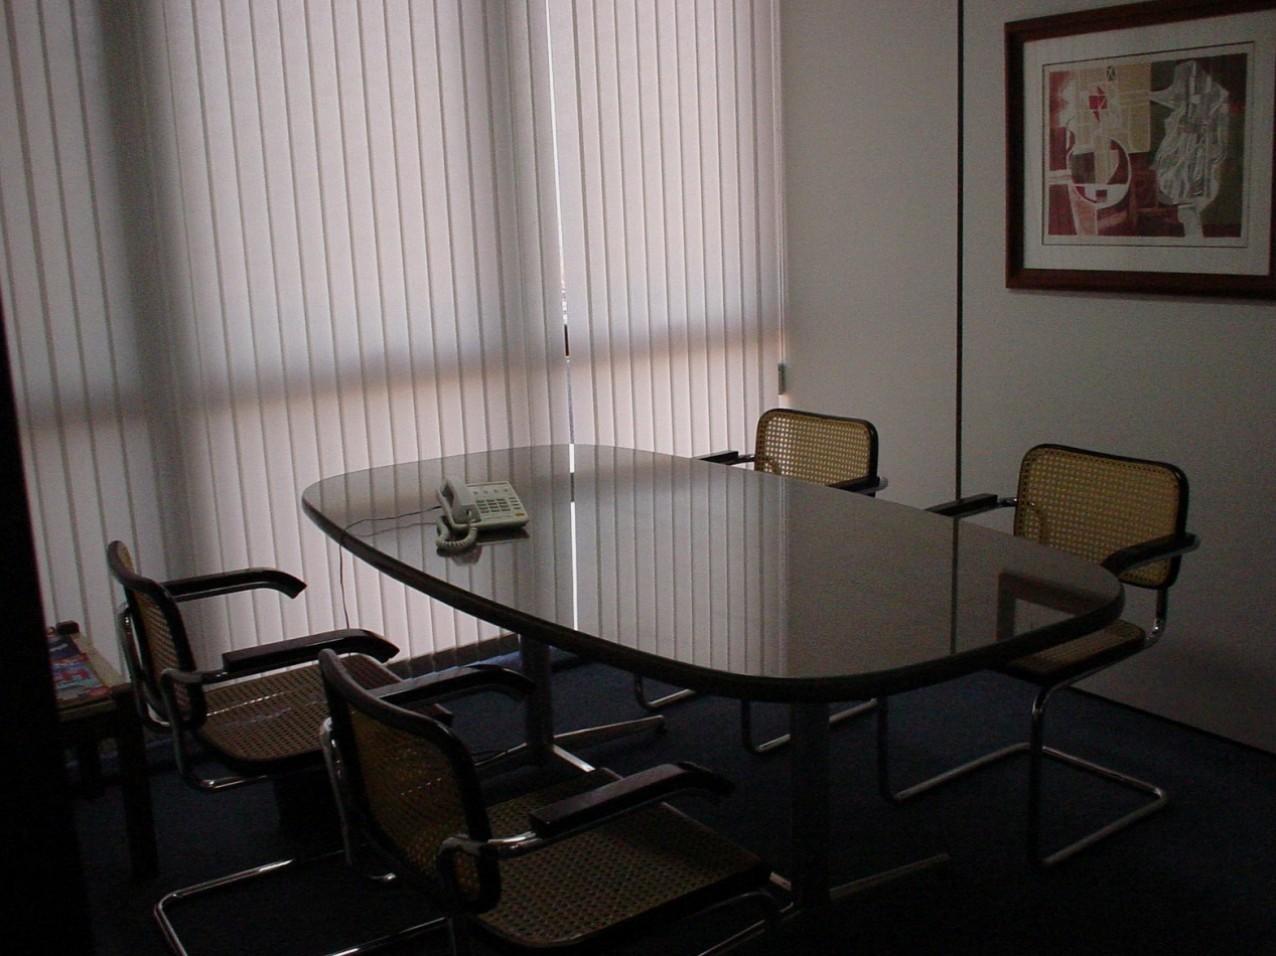 Obra corporativa Boyden do Brasil - Sala de reunião